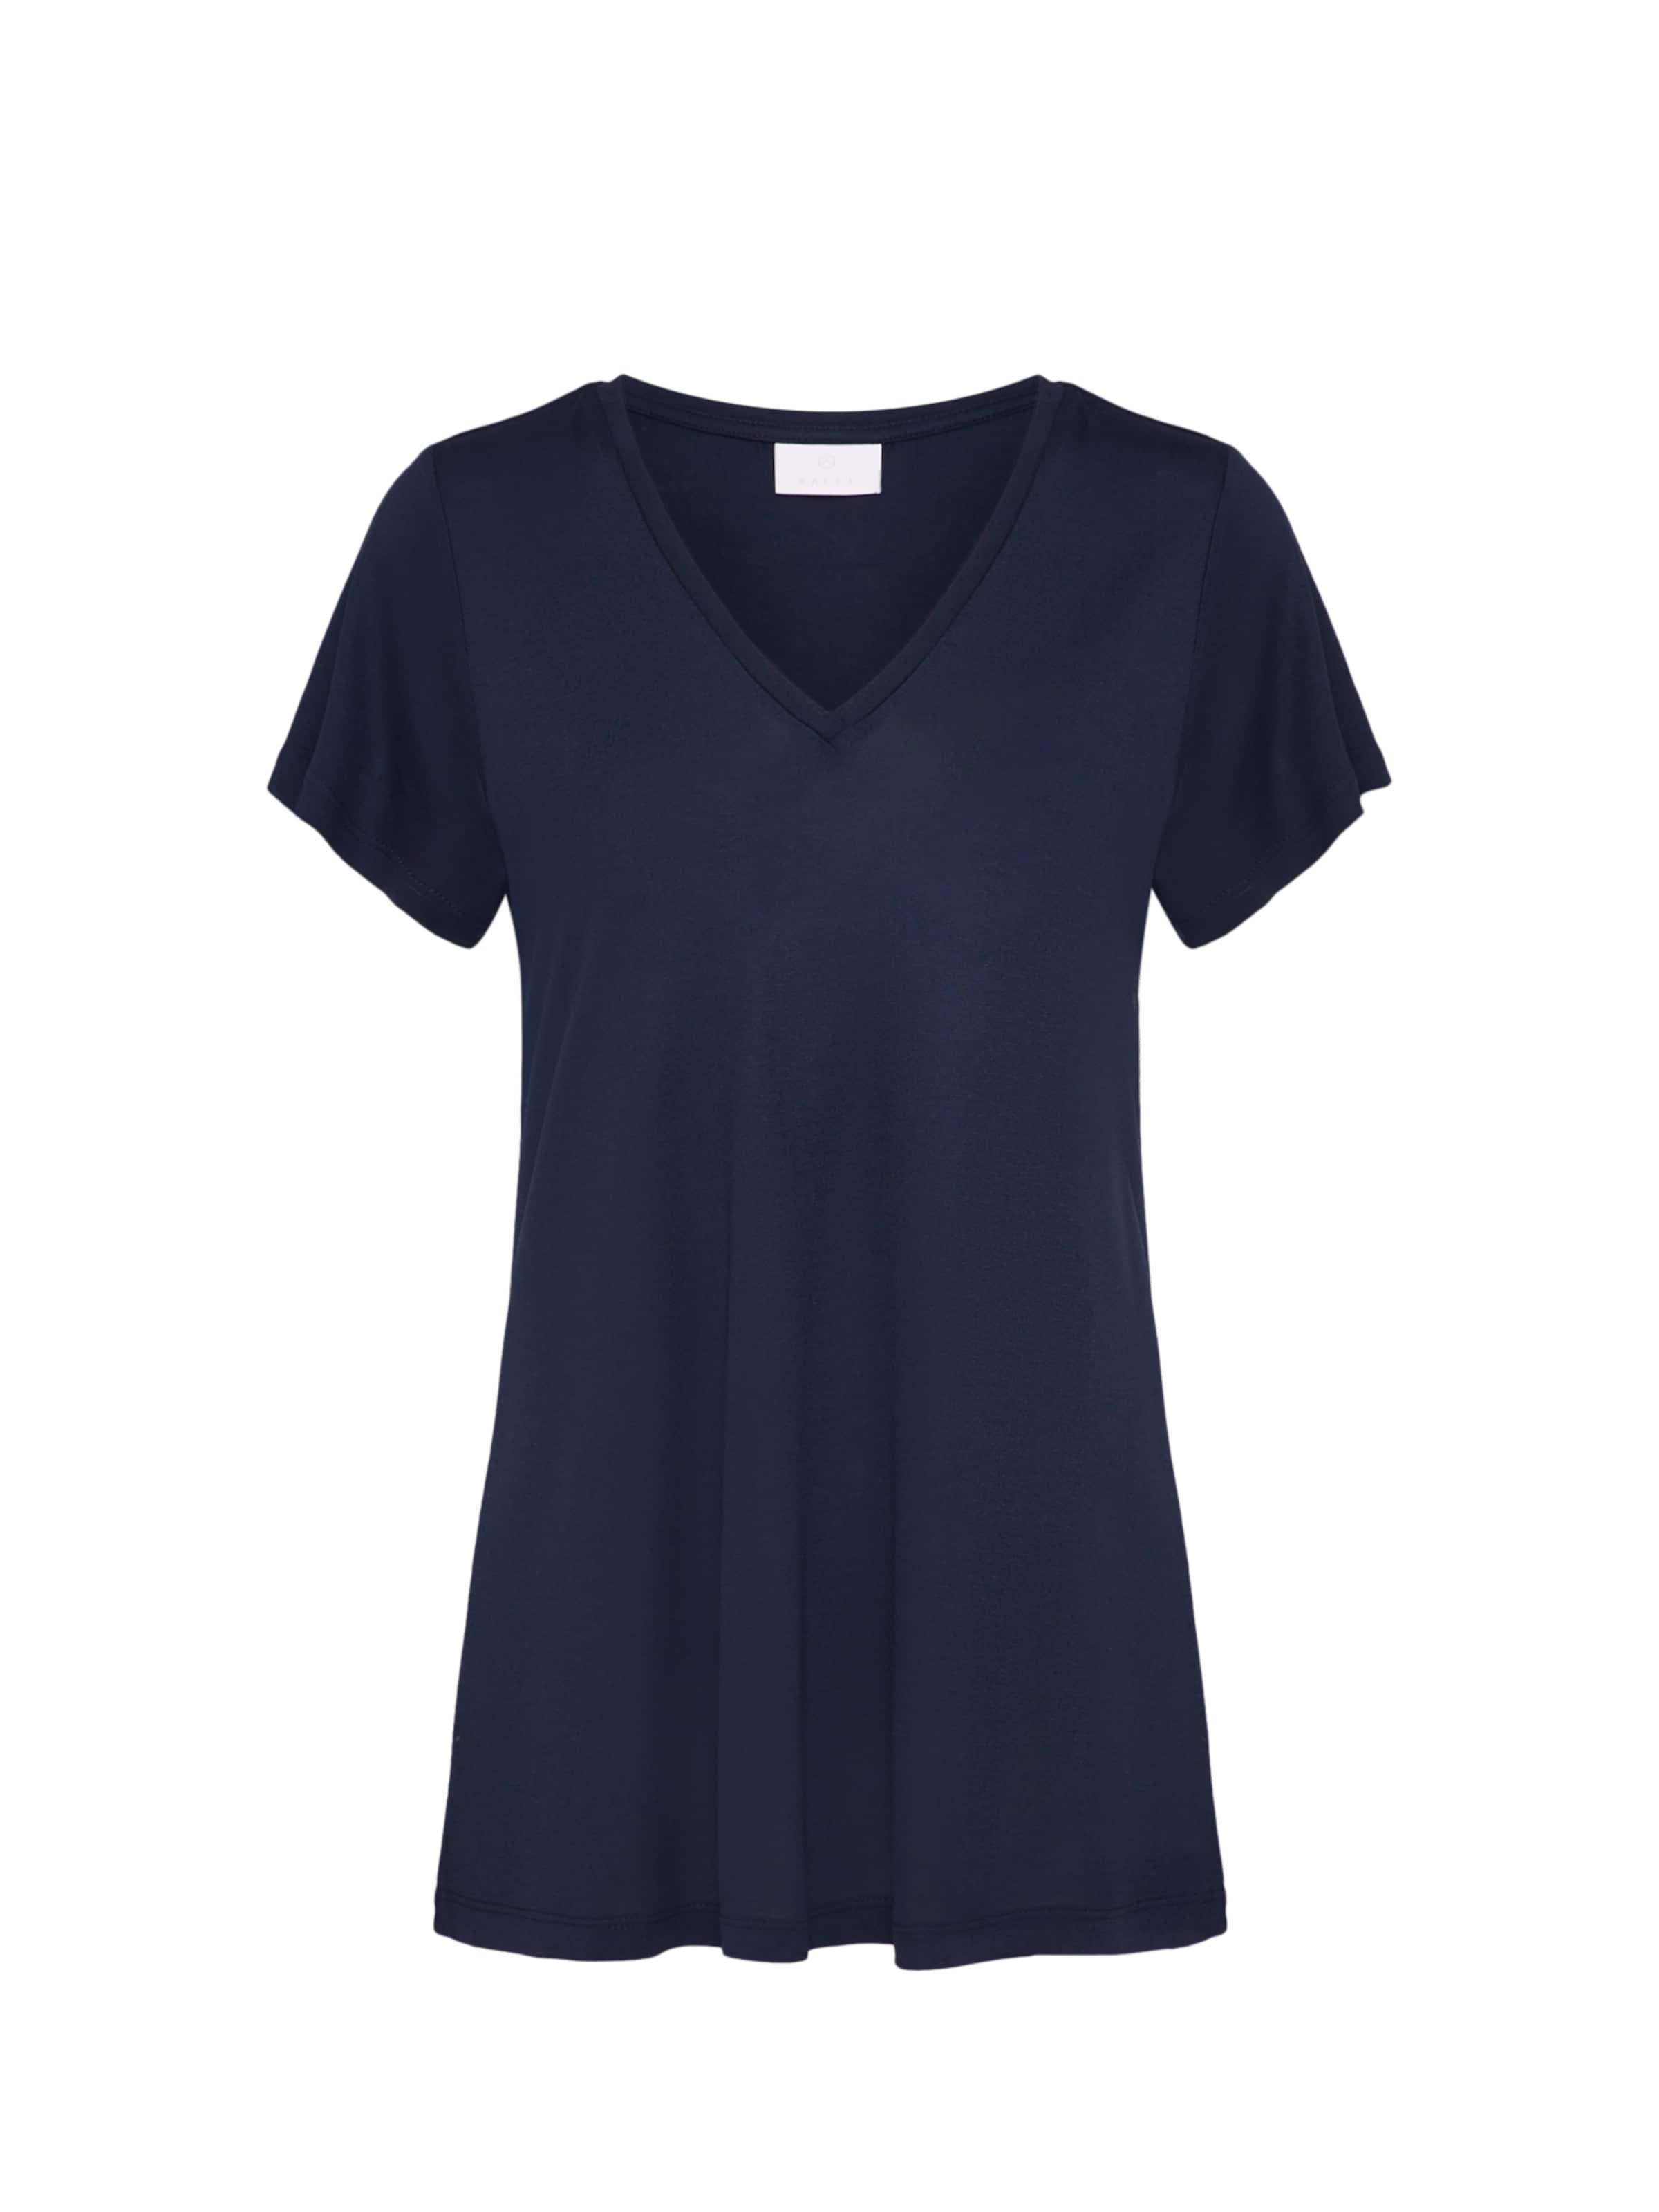 Shirt Kaffe Kaffe In Nachtblauw 'anna' Shirt 5LcARq4j3S